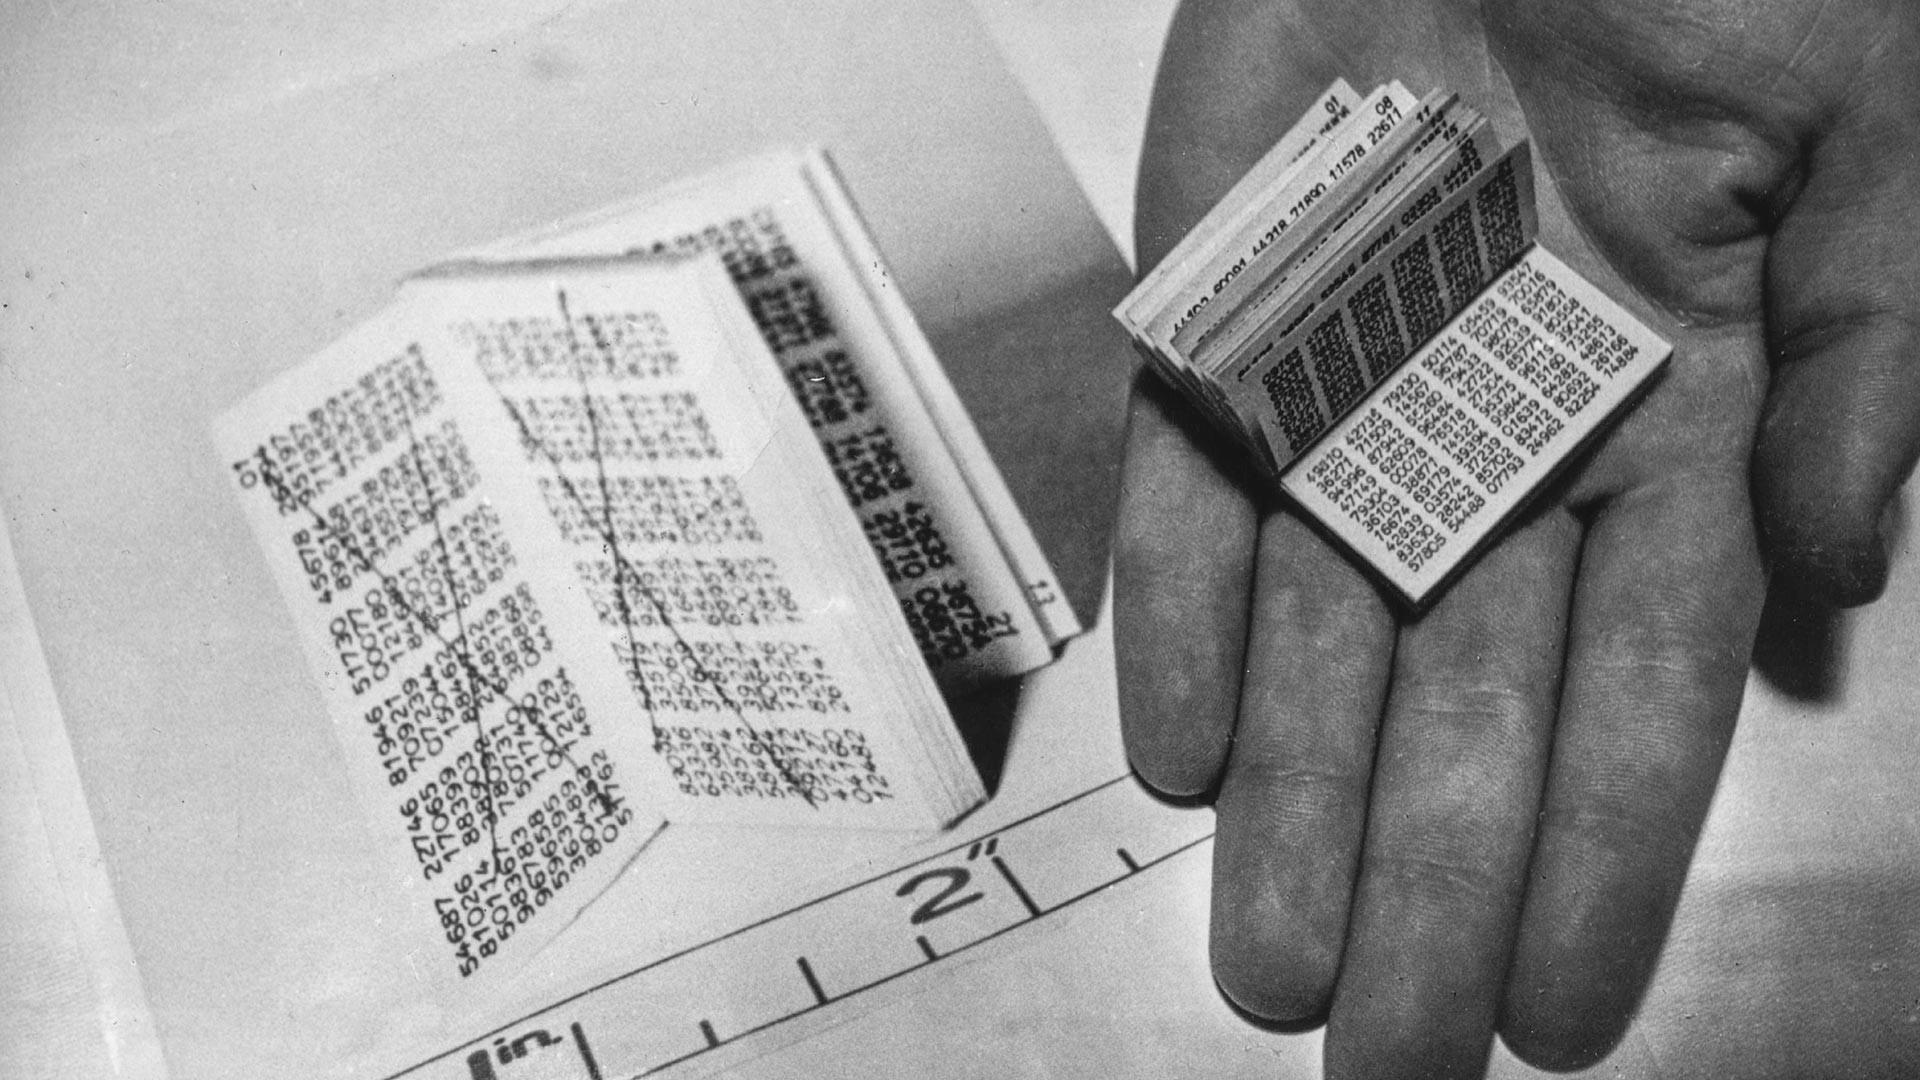 Minijaturni šifrarnik koji sadrži serije cifara. Po riječima državnog tužitelja Elwyna Jonesa, nju su špijuni koristili za dešifriranje poruka iz Moskve.